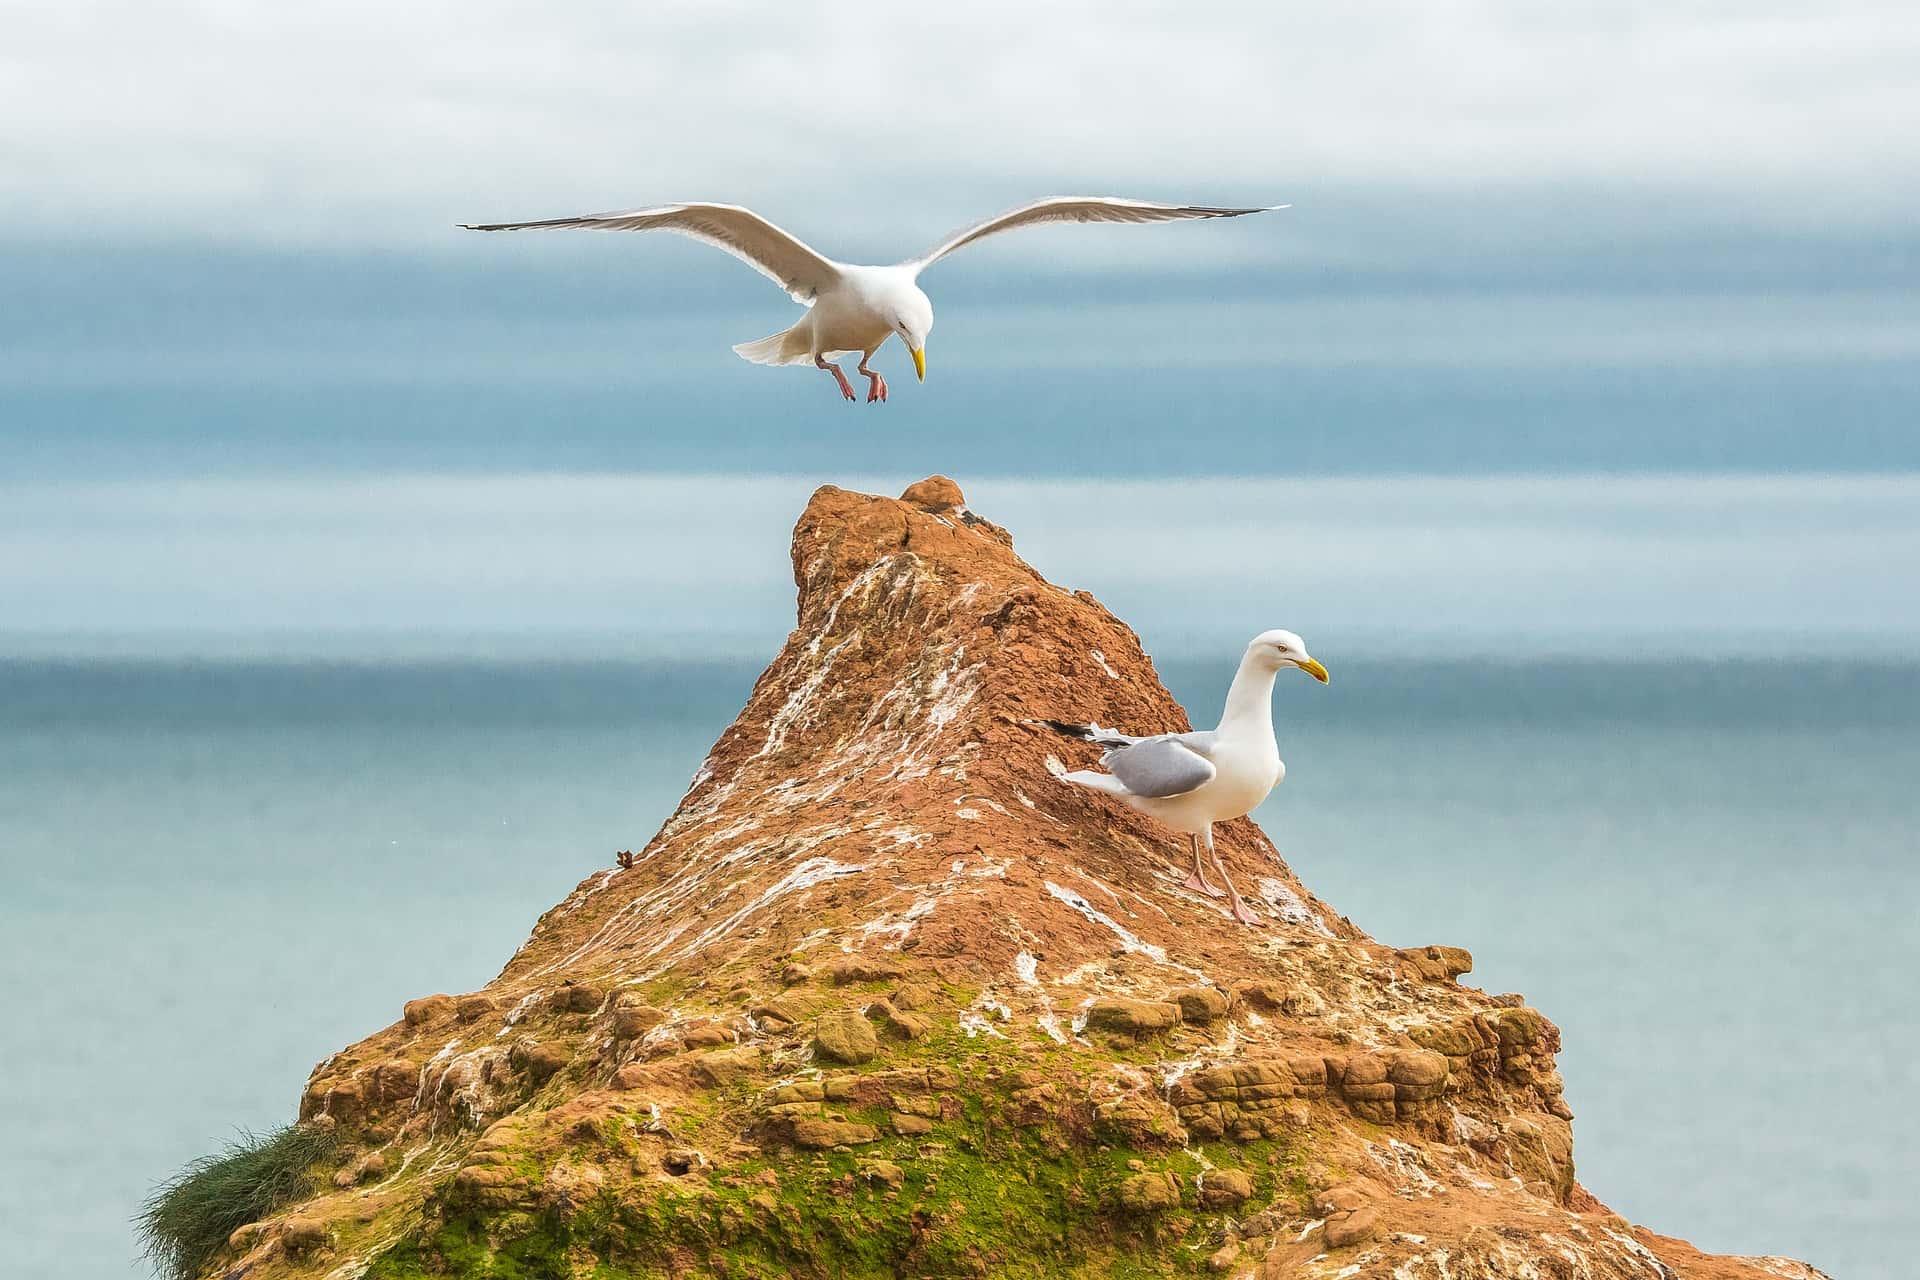 Möwen auf einem Felsen der Nordseeinsel Helgoland